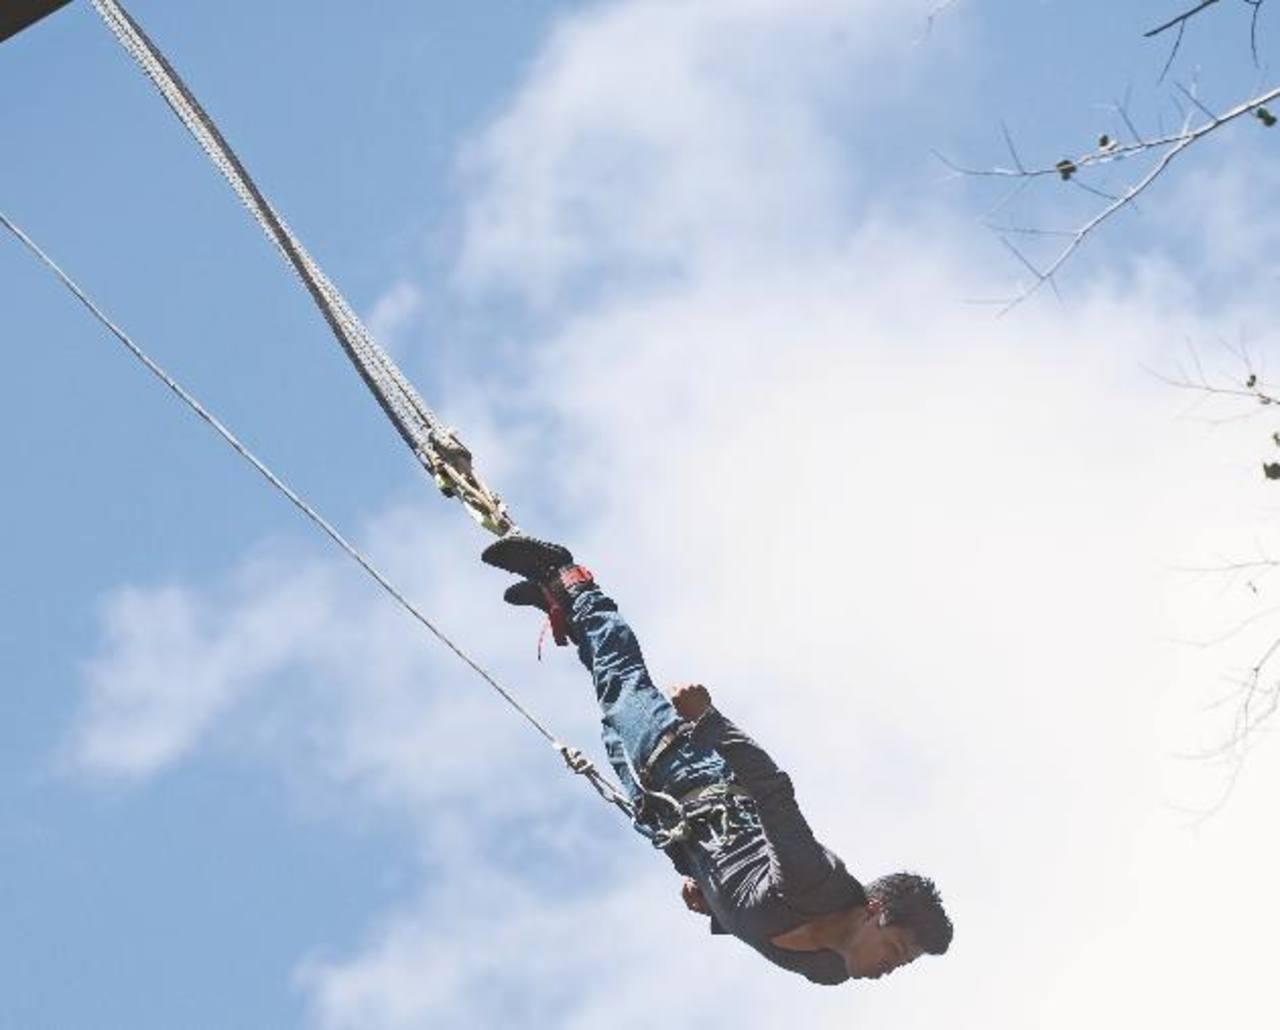 Un salto con adrenalina extrema